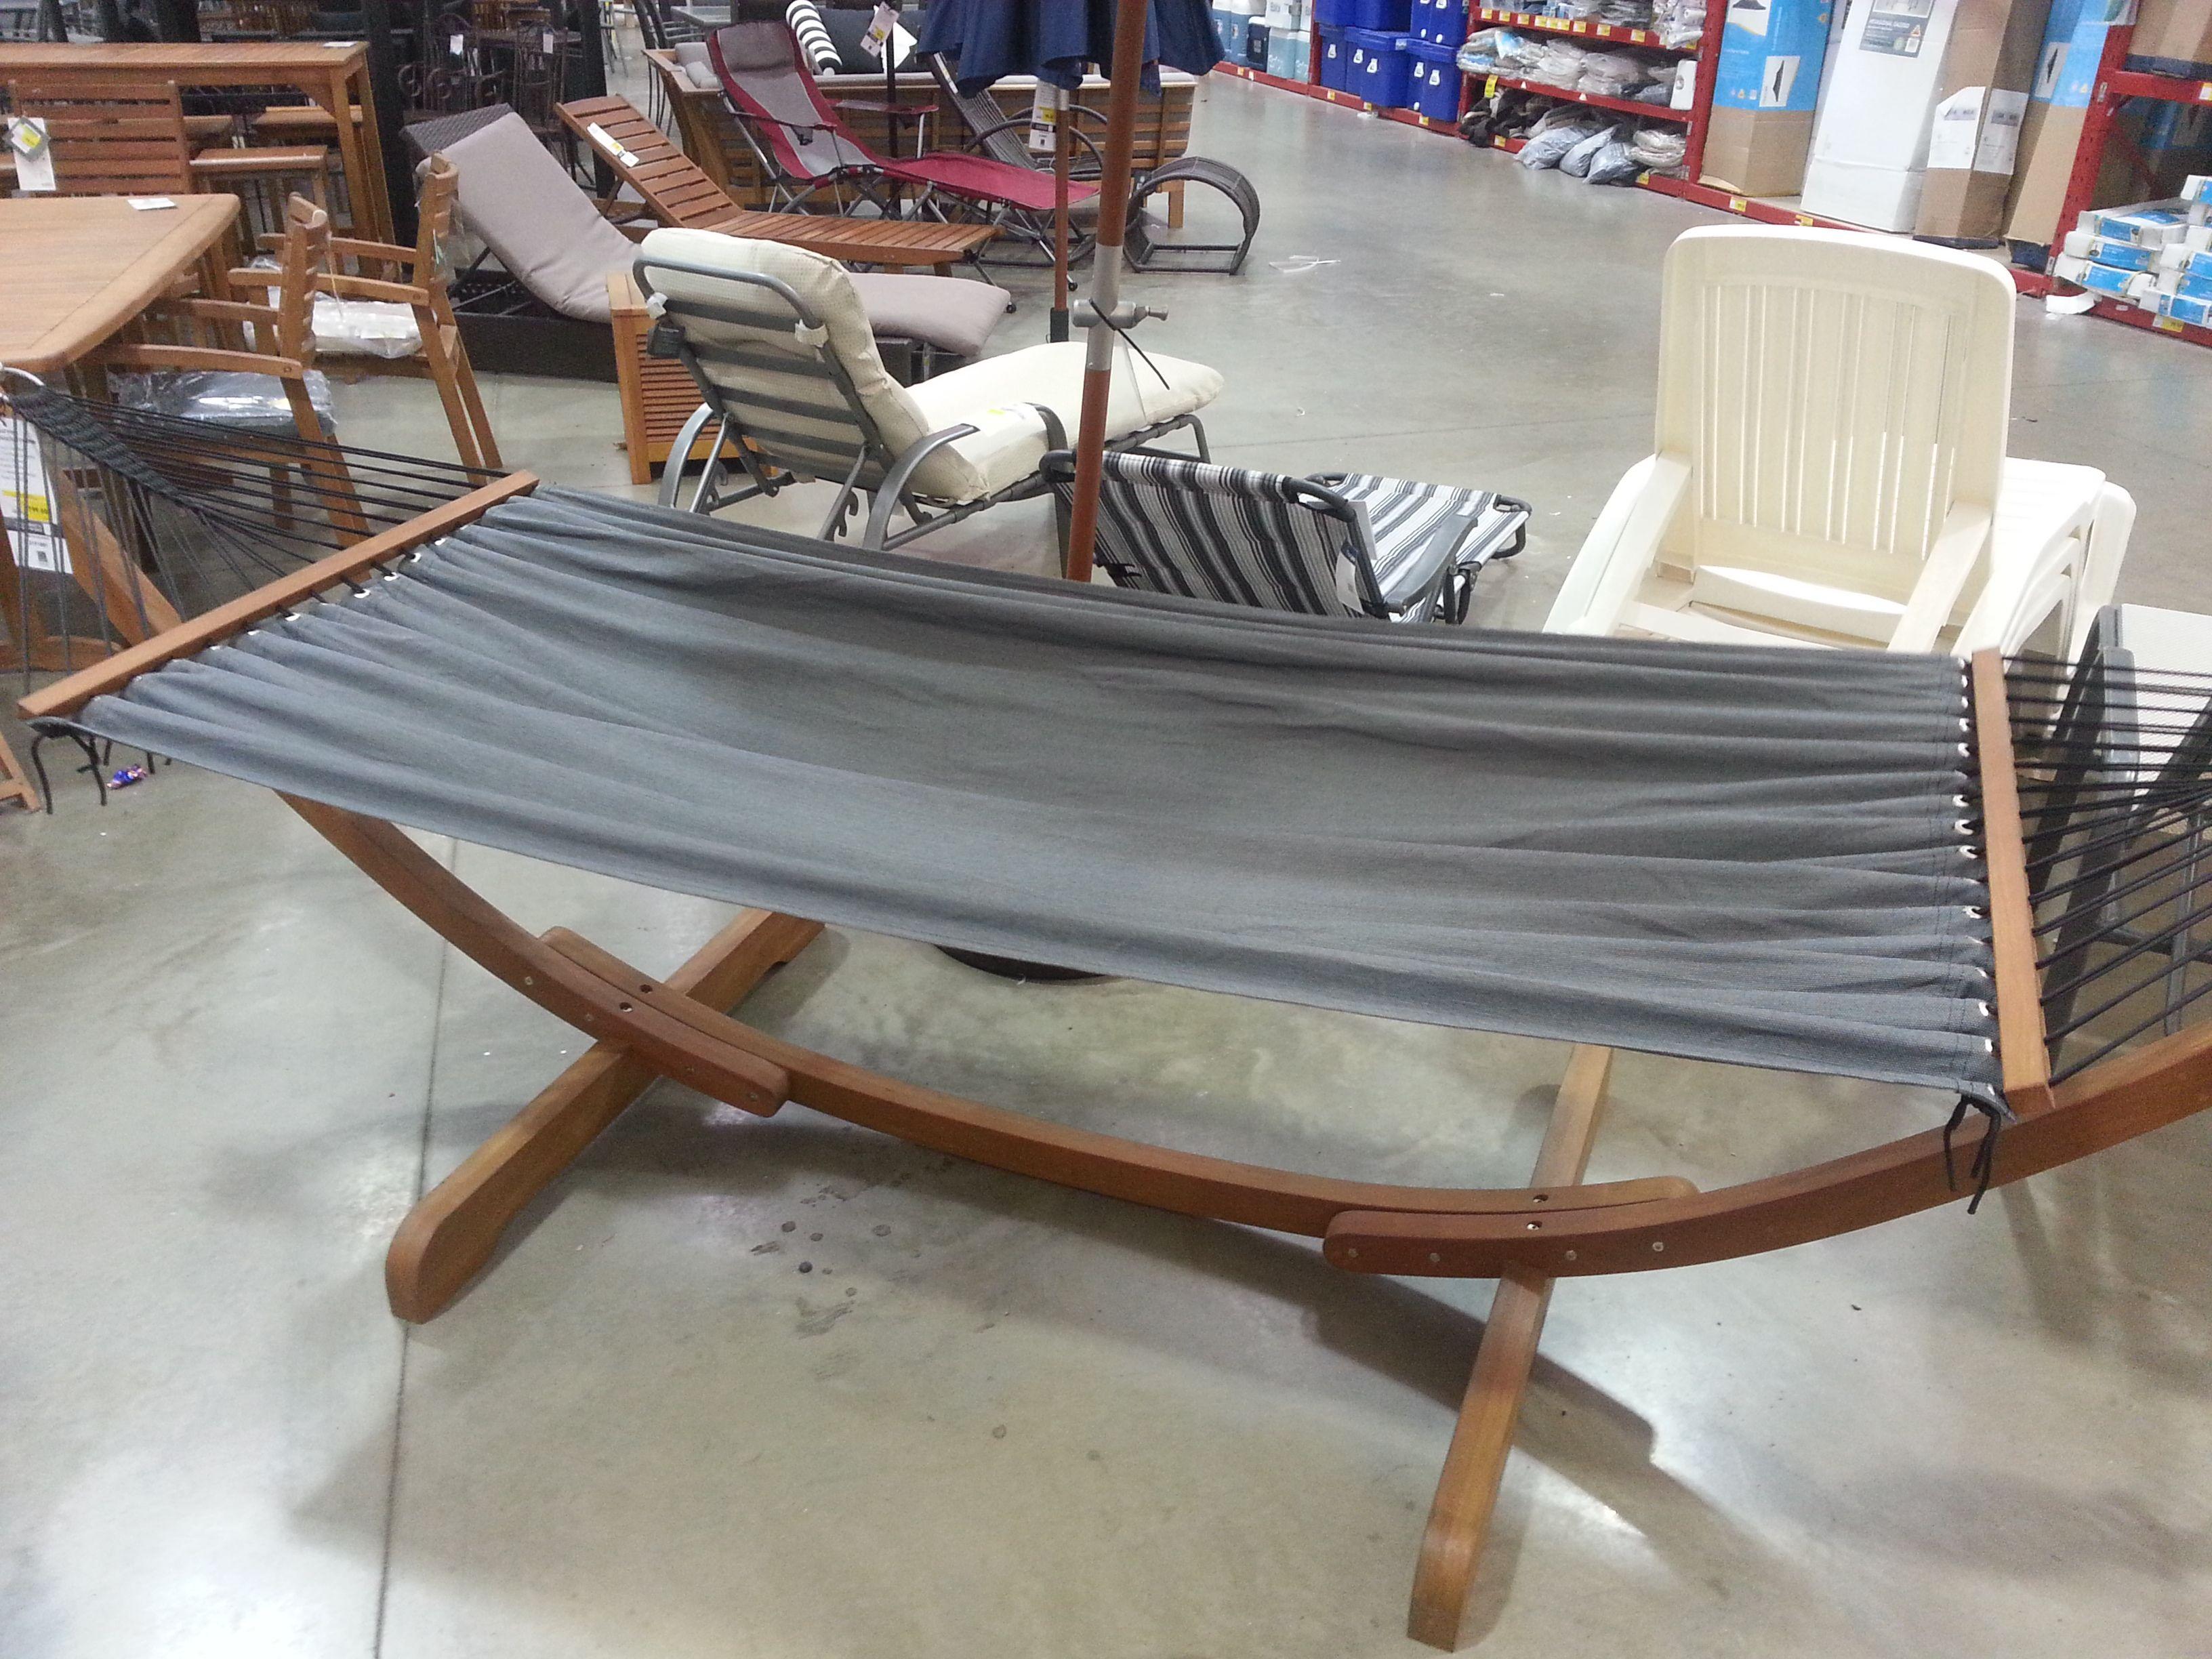 hammock  199 bunnings hammock  199 bunnings   balcony makeover   pinterest   balconies  rh   pinterest